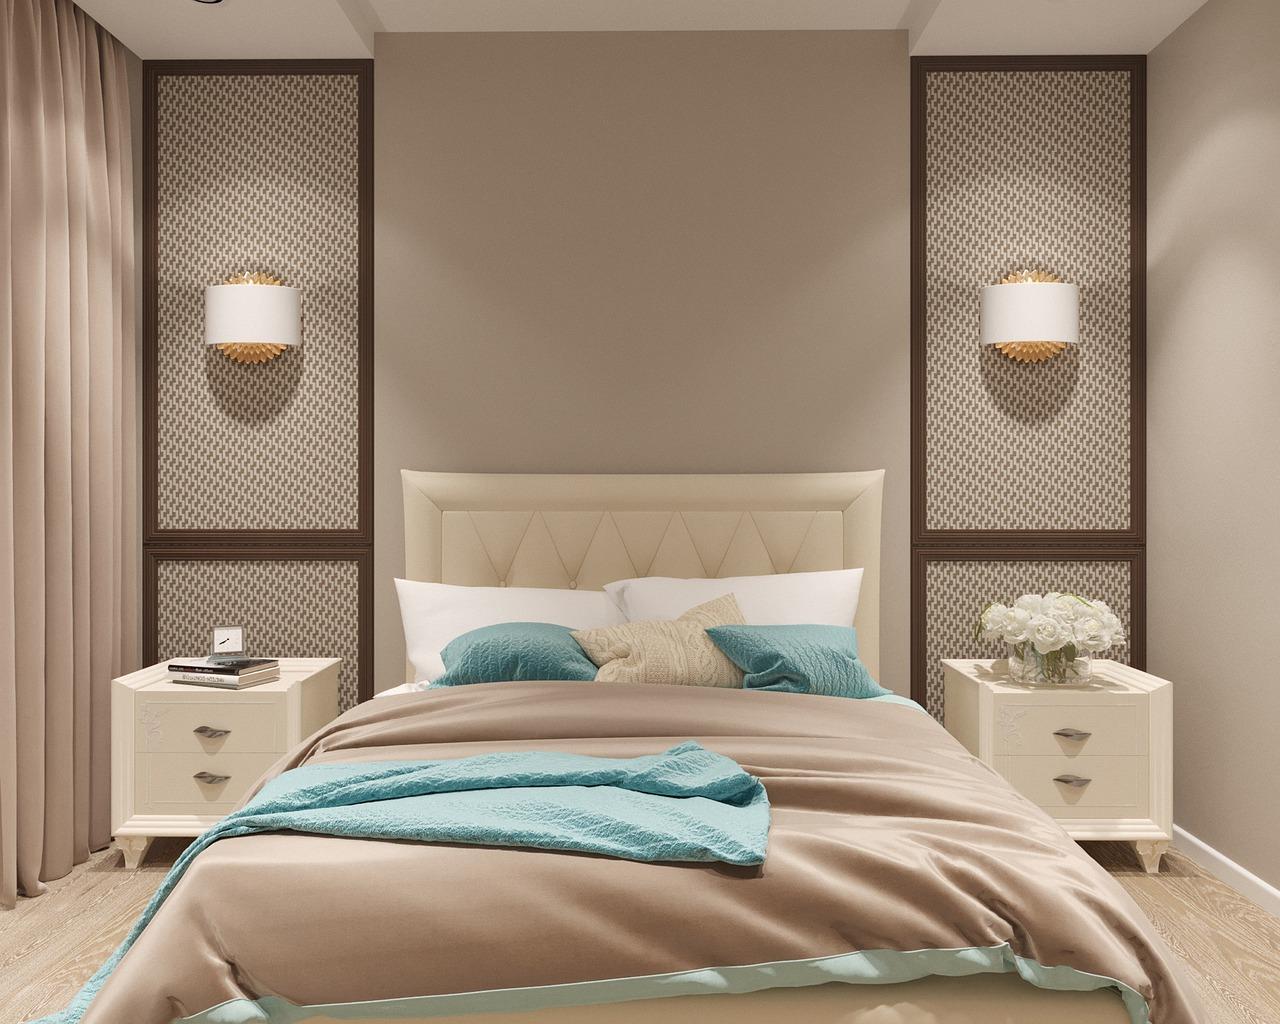 bedroom-4696556_1280